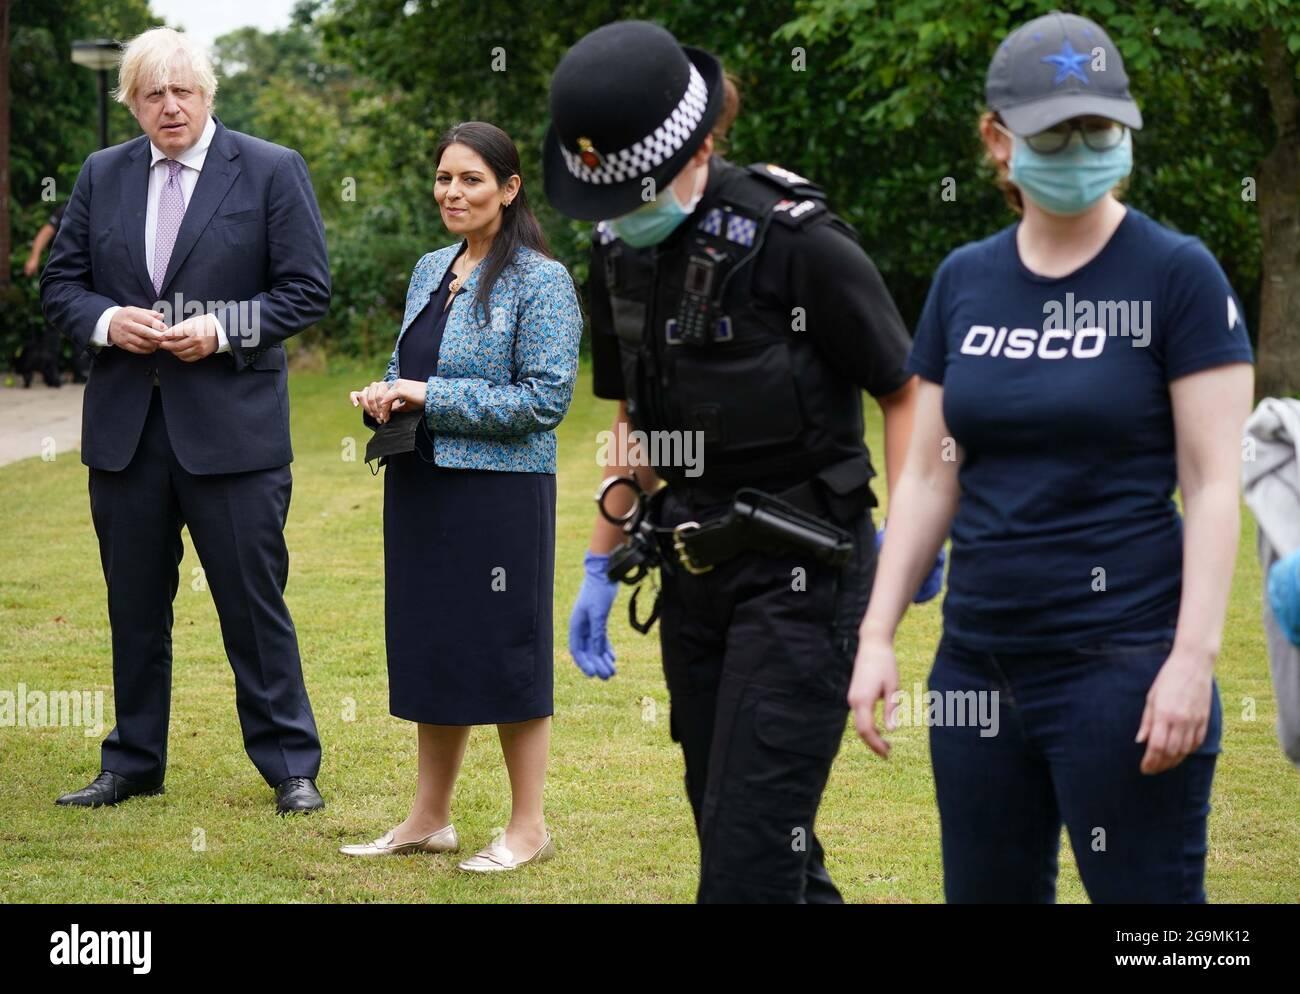 Il primo ministro Boris Johnson e il segretario di Stato Priti Patel osservano un esercizio di ricerca durante una visita alla sede centrale della polizia di Surrey a Guildford, Surrey, in coincidenza con la pubblicazione del piano governativo contro il crimine. Data immagine: Martedì 27 luglio 2021. Foto Stock